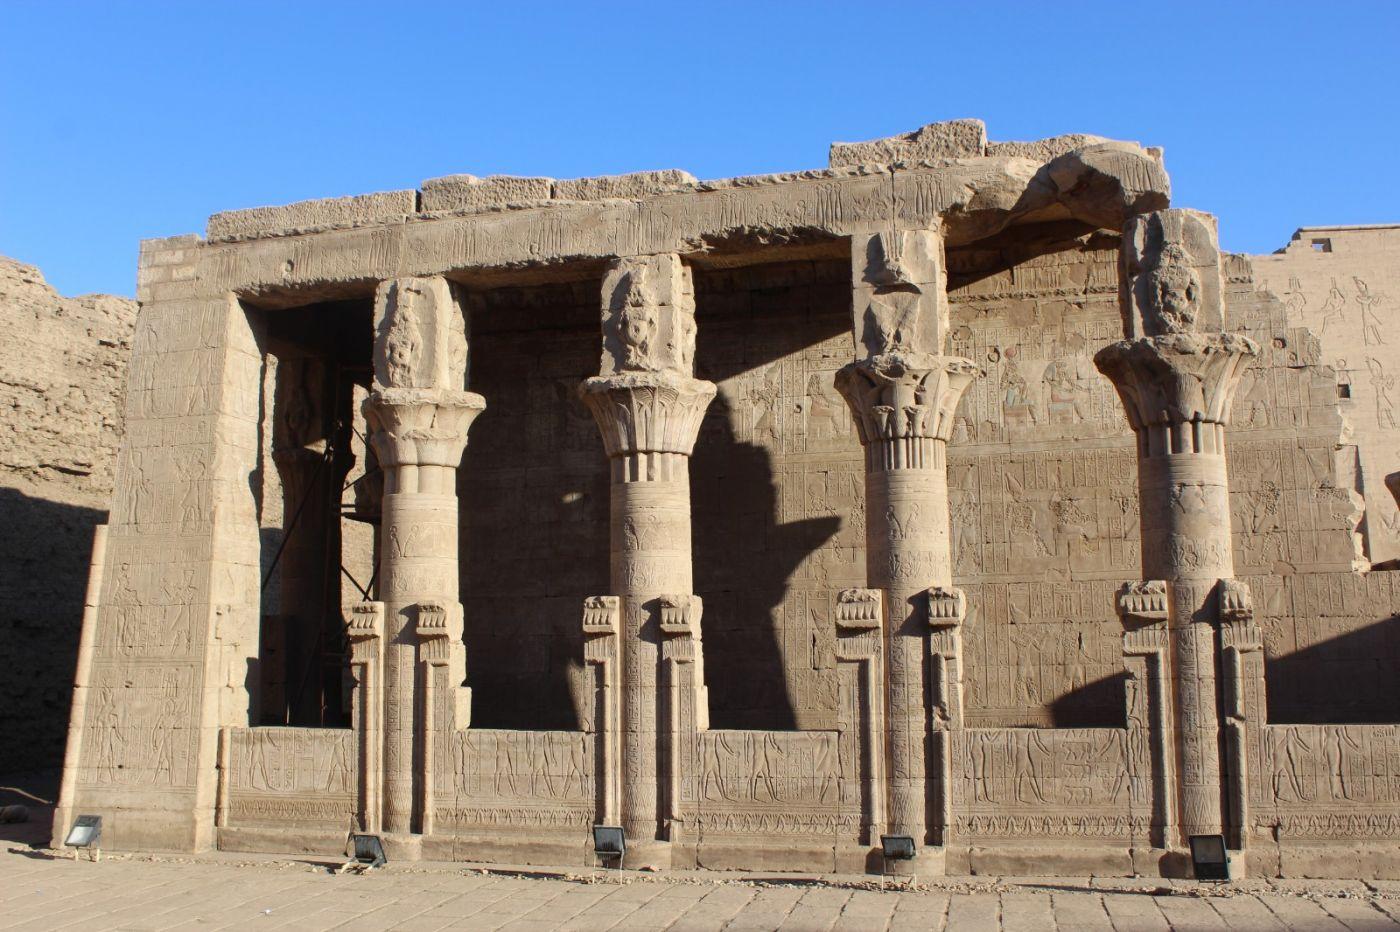 埃德富神庙和卢克索神庙_图1-16